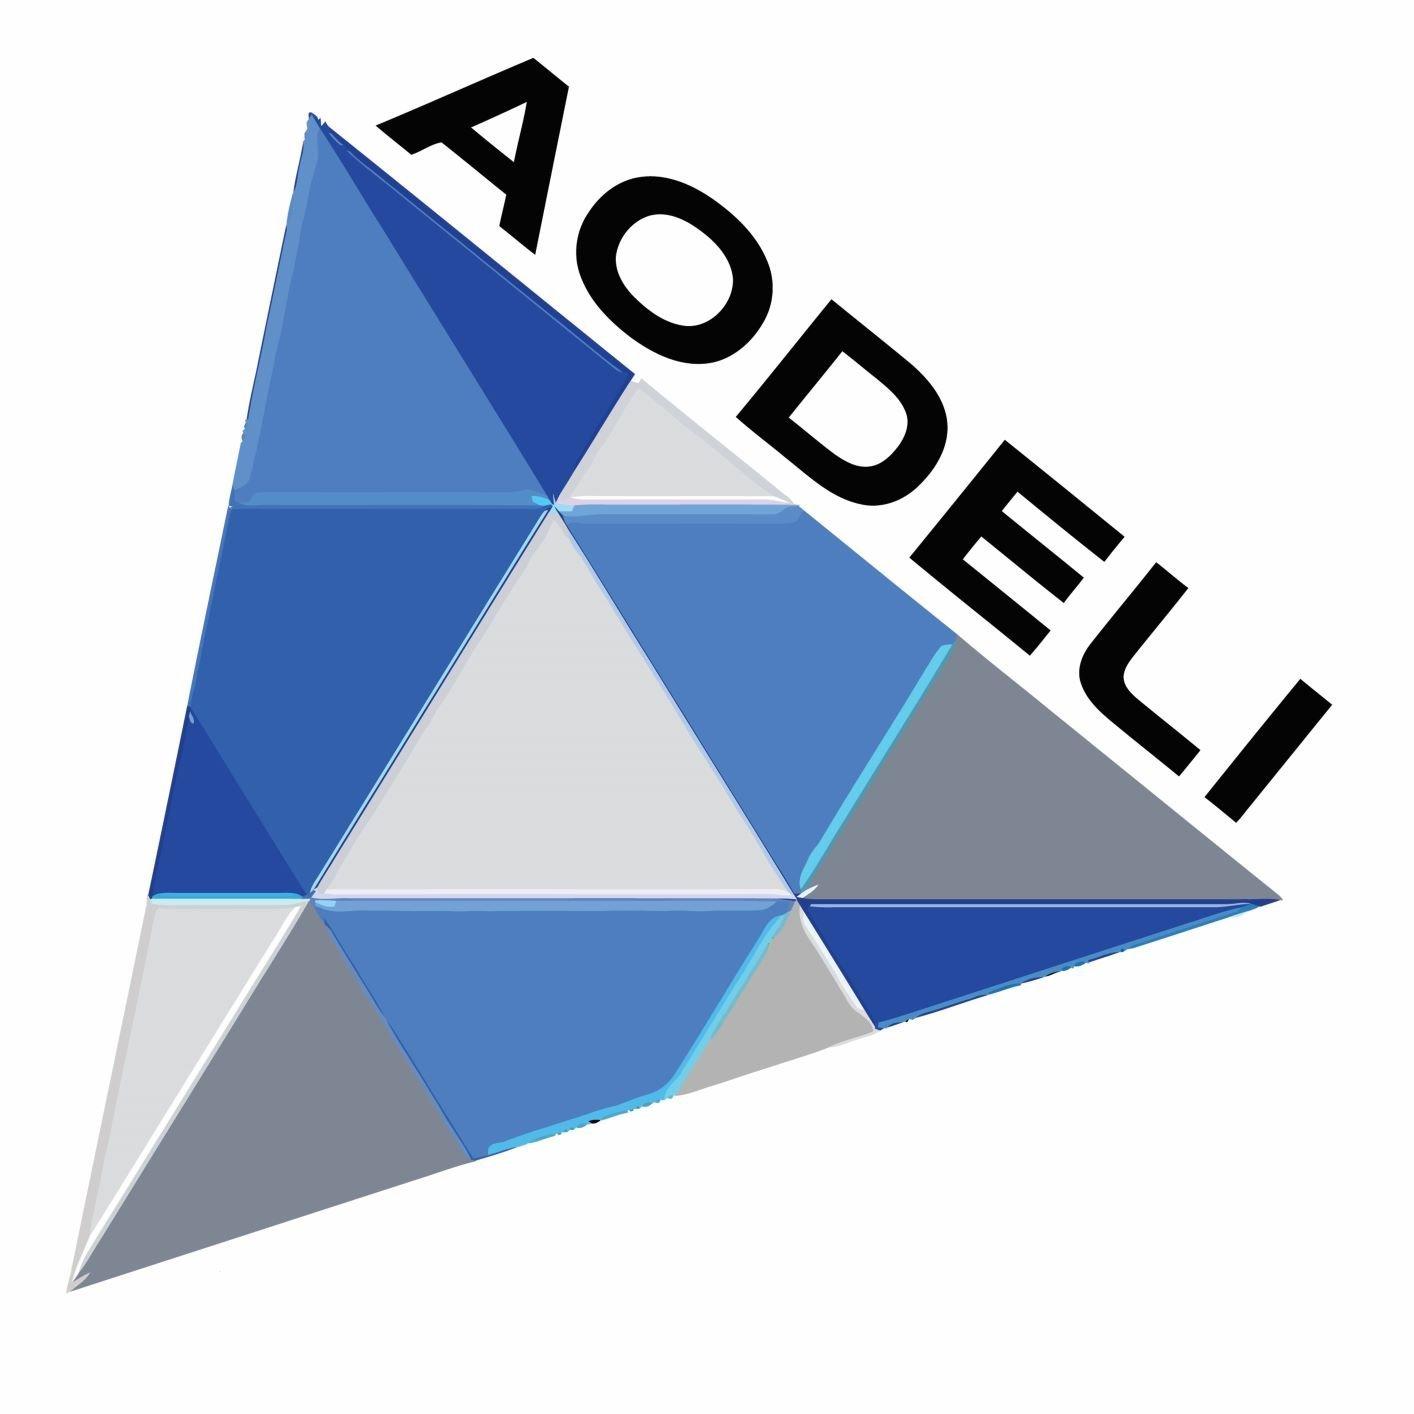 Aodeli_Logo 2mb .jpg